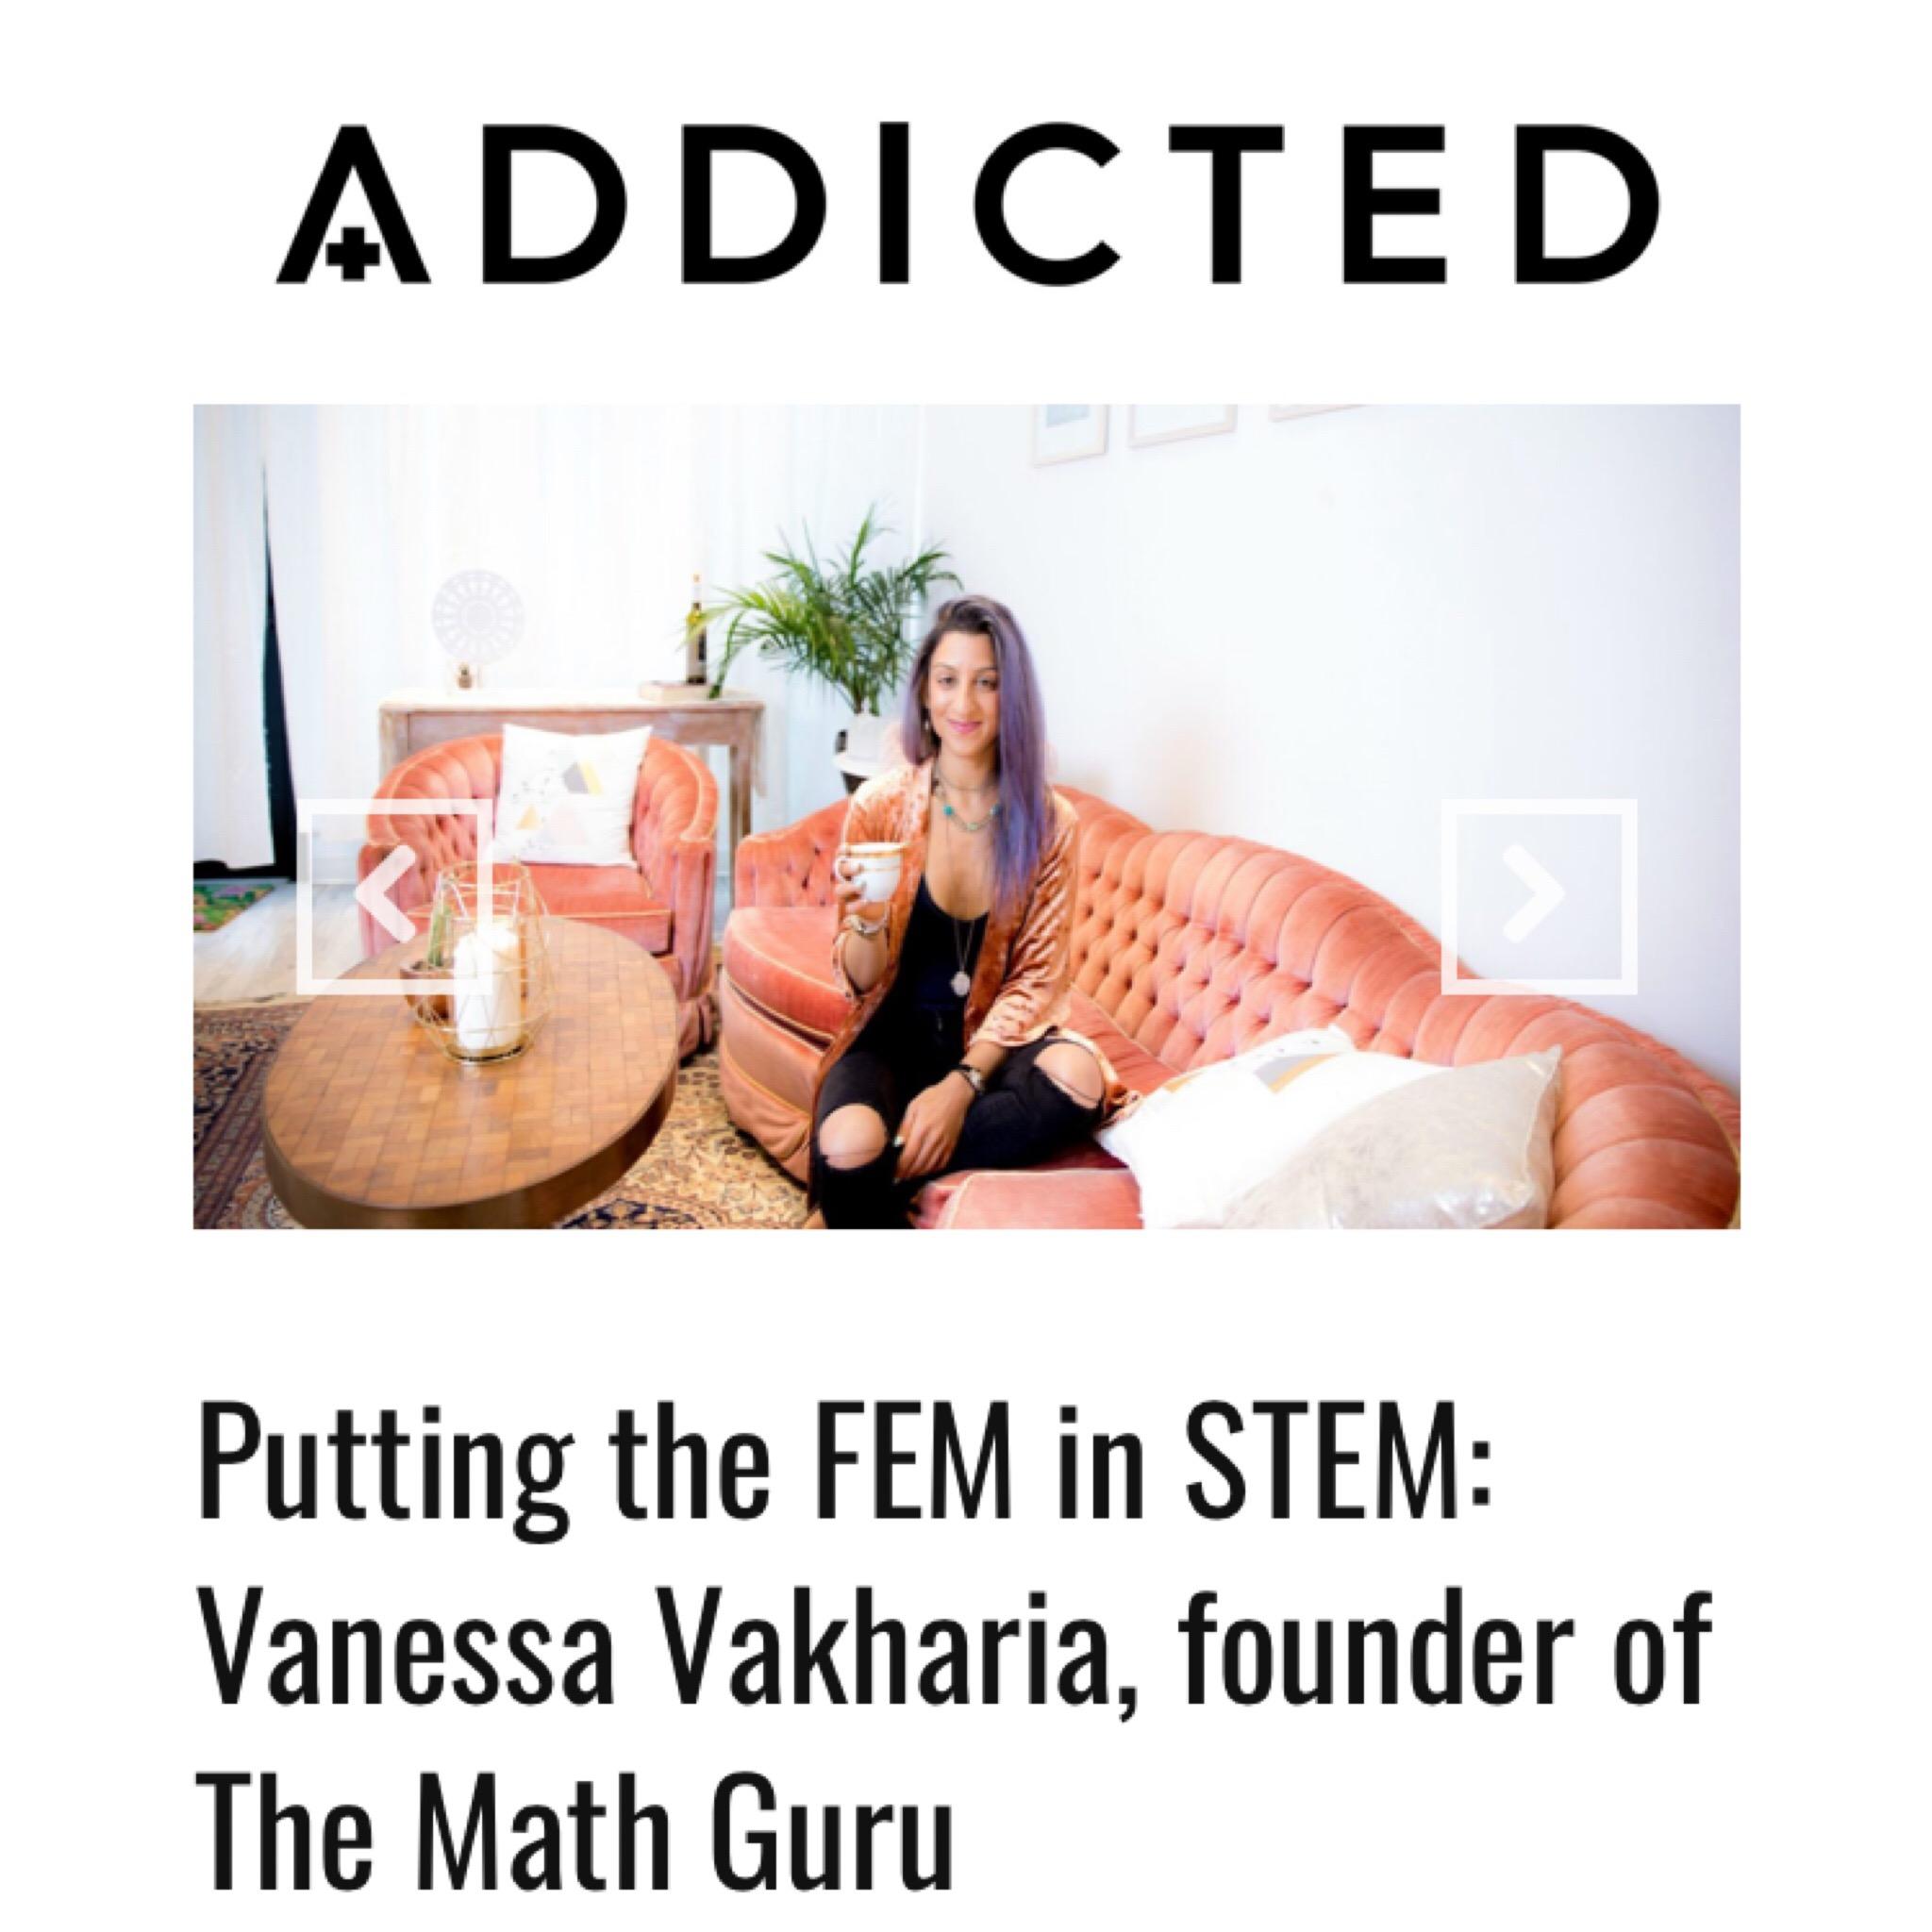 Addicted Magazine April 2019